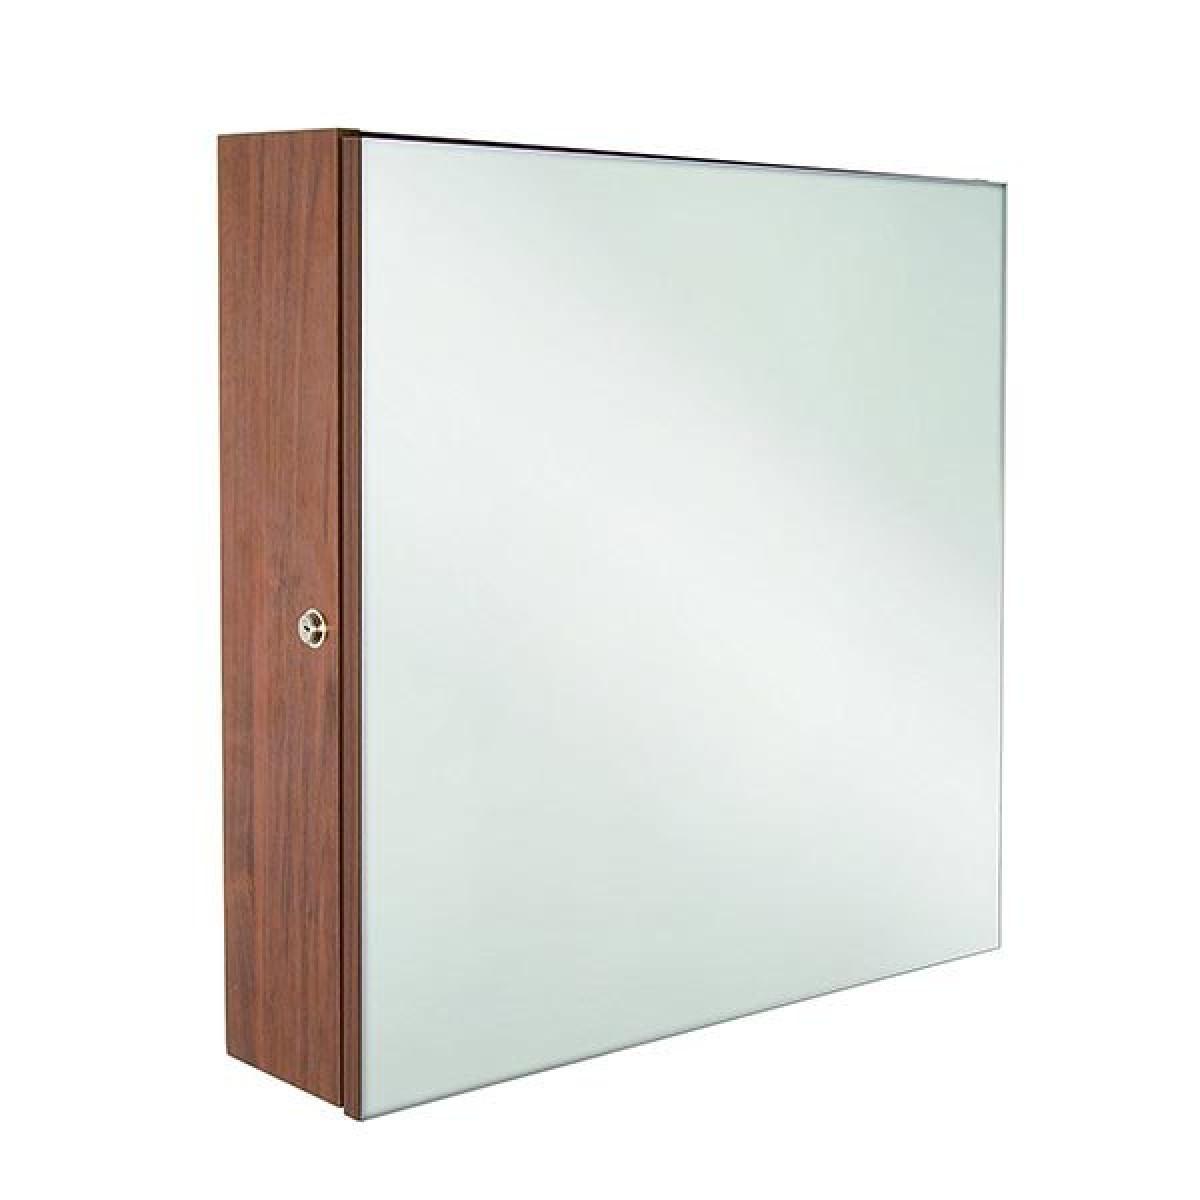 Croydex Lockable Walnut Effect Cabinet | WC250177